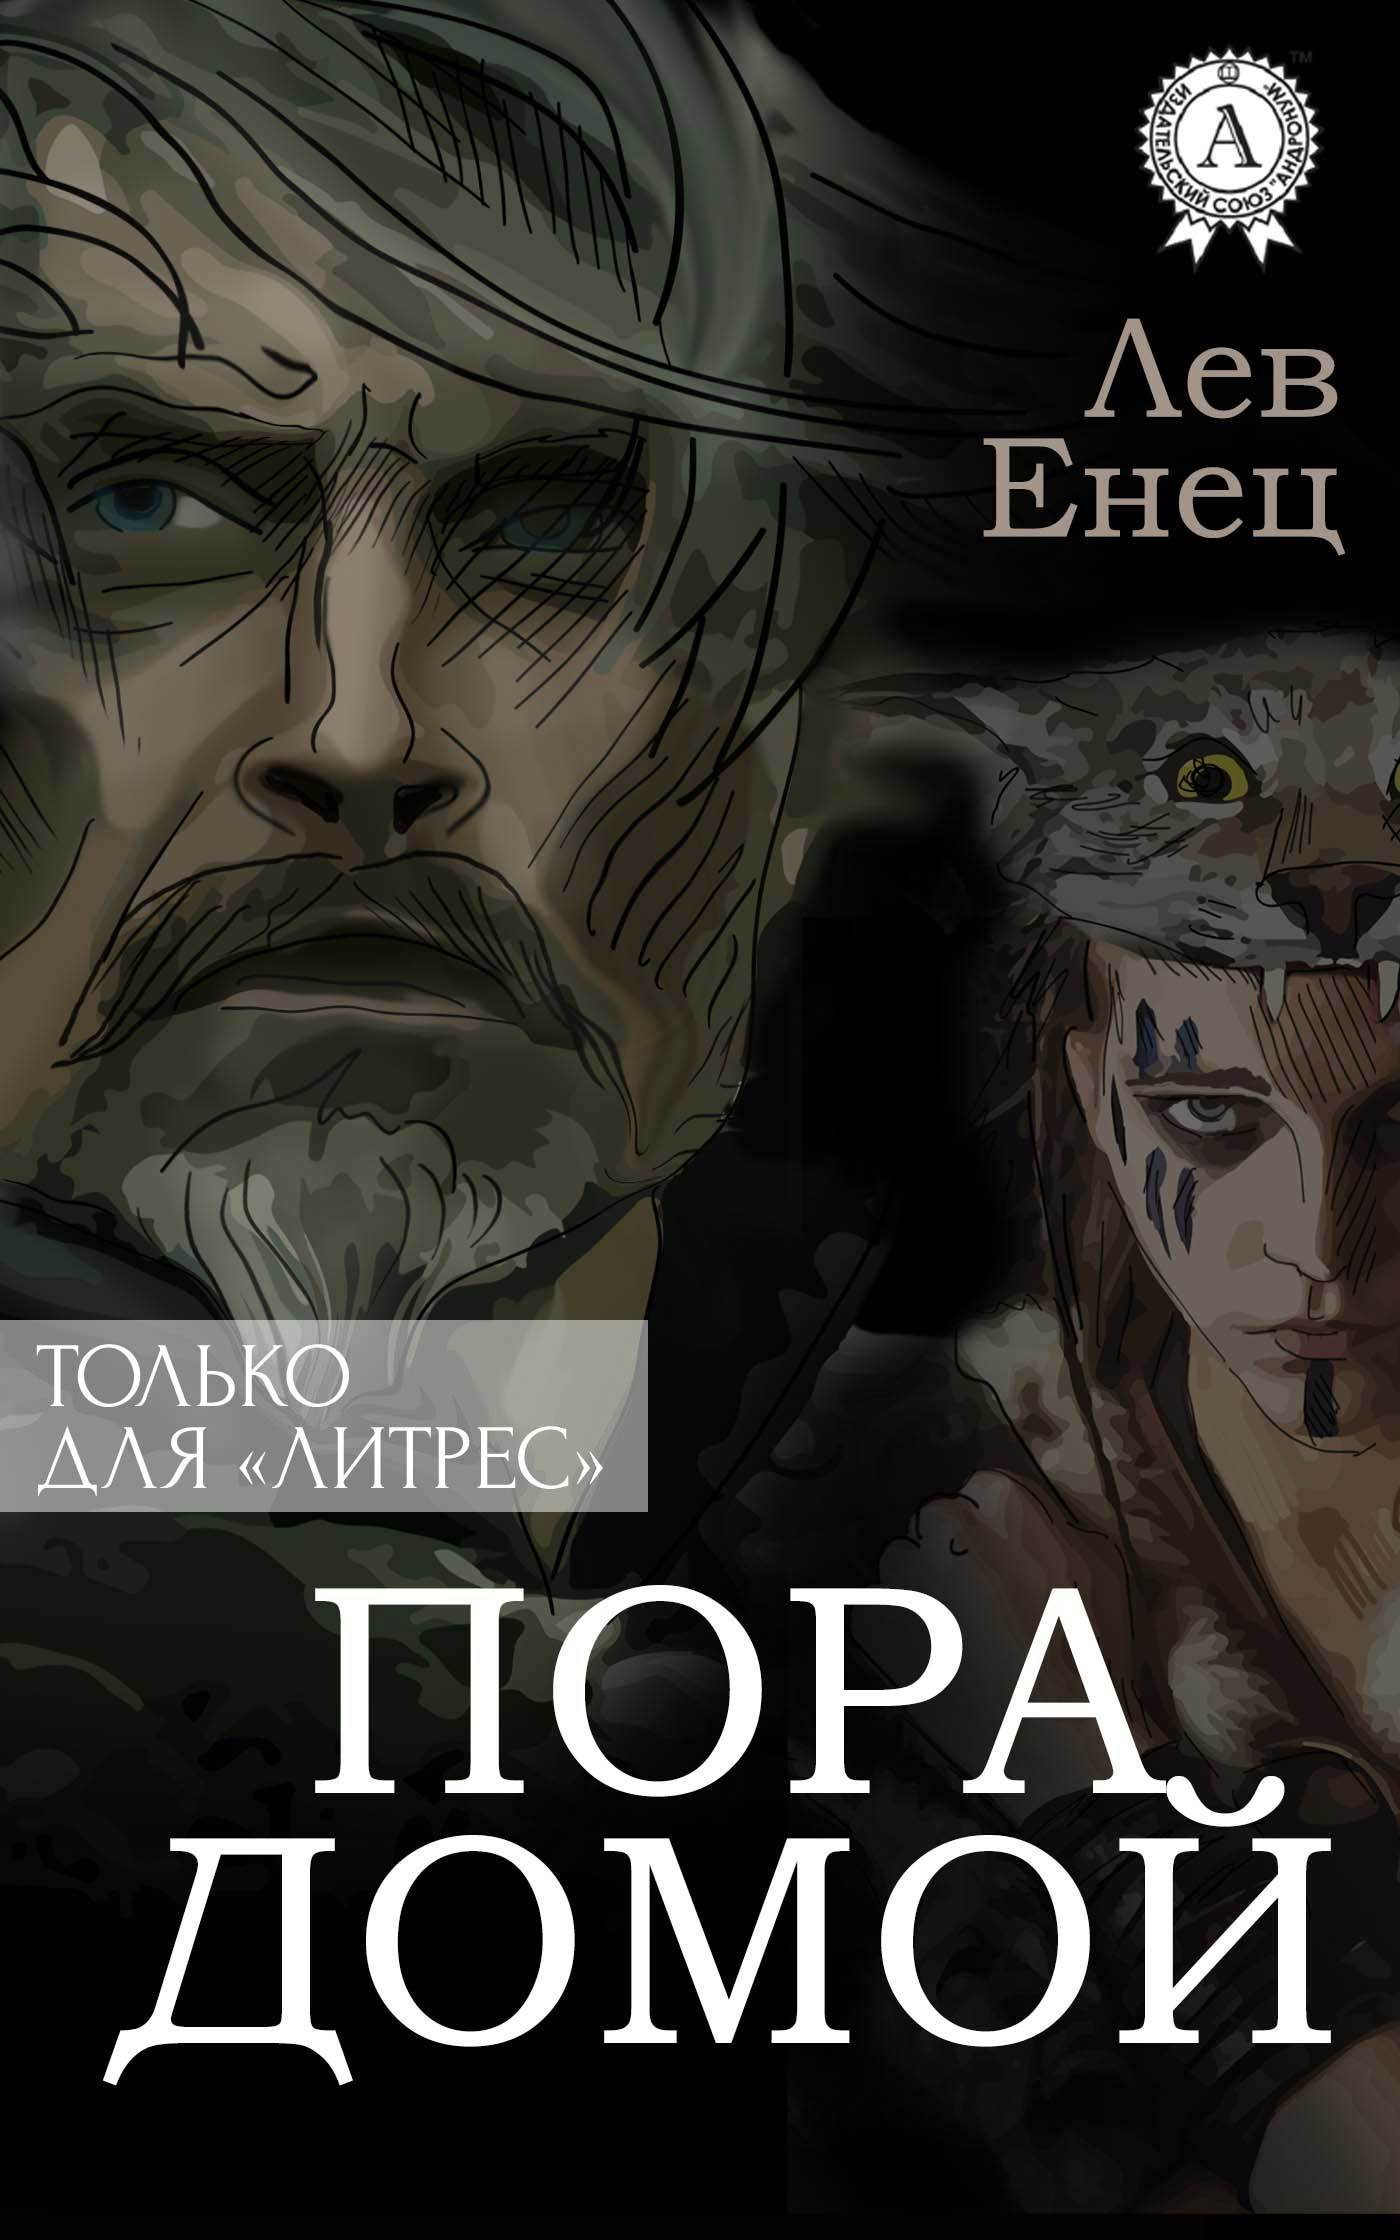 Лев Енец - Пора Домой